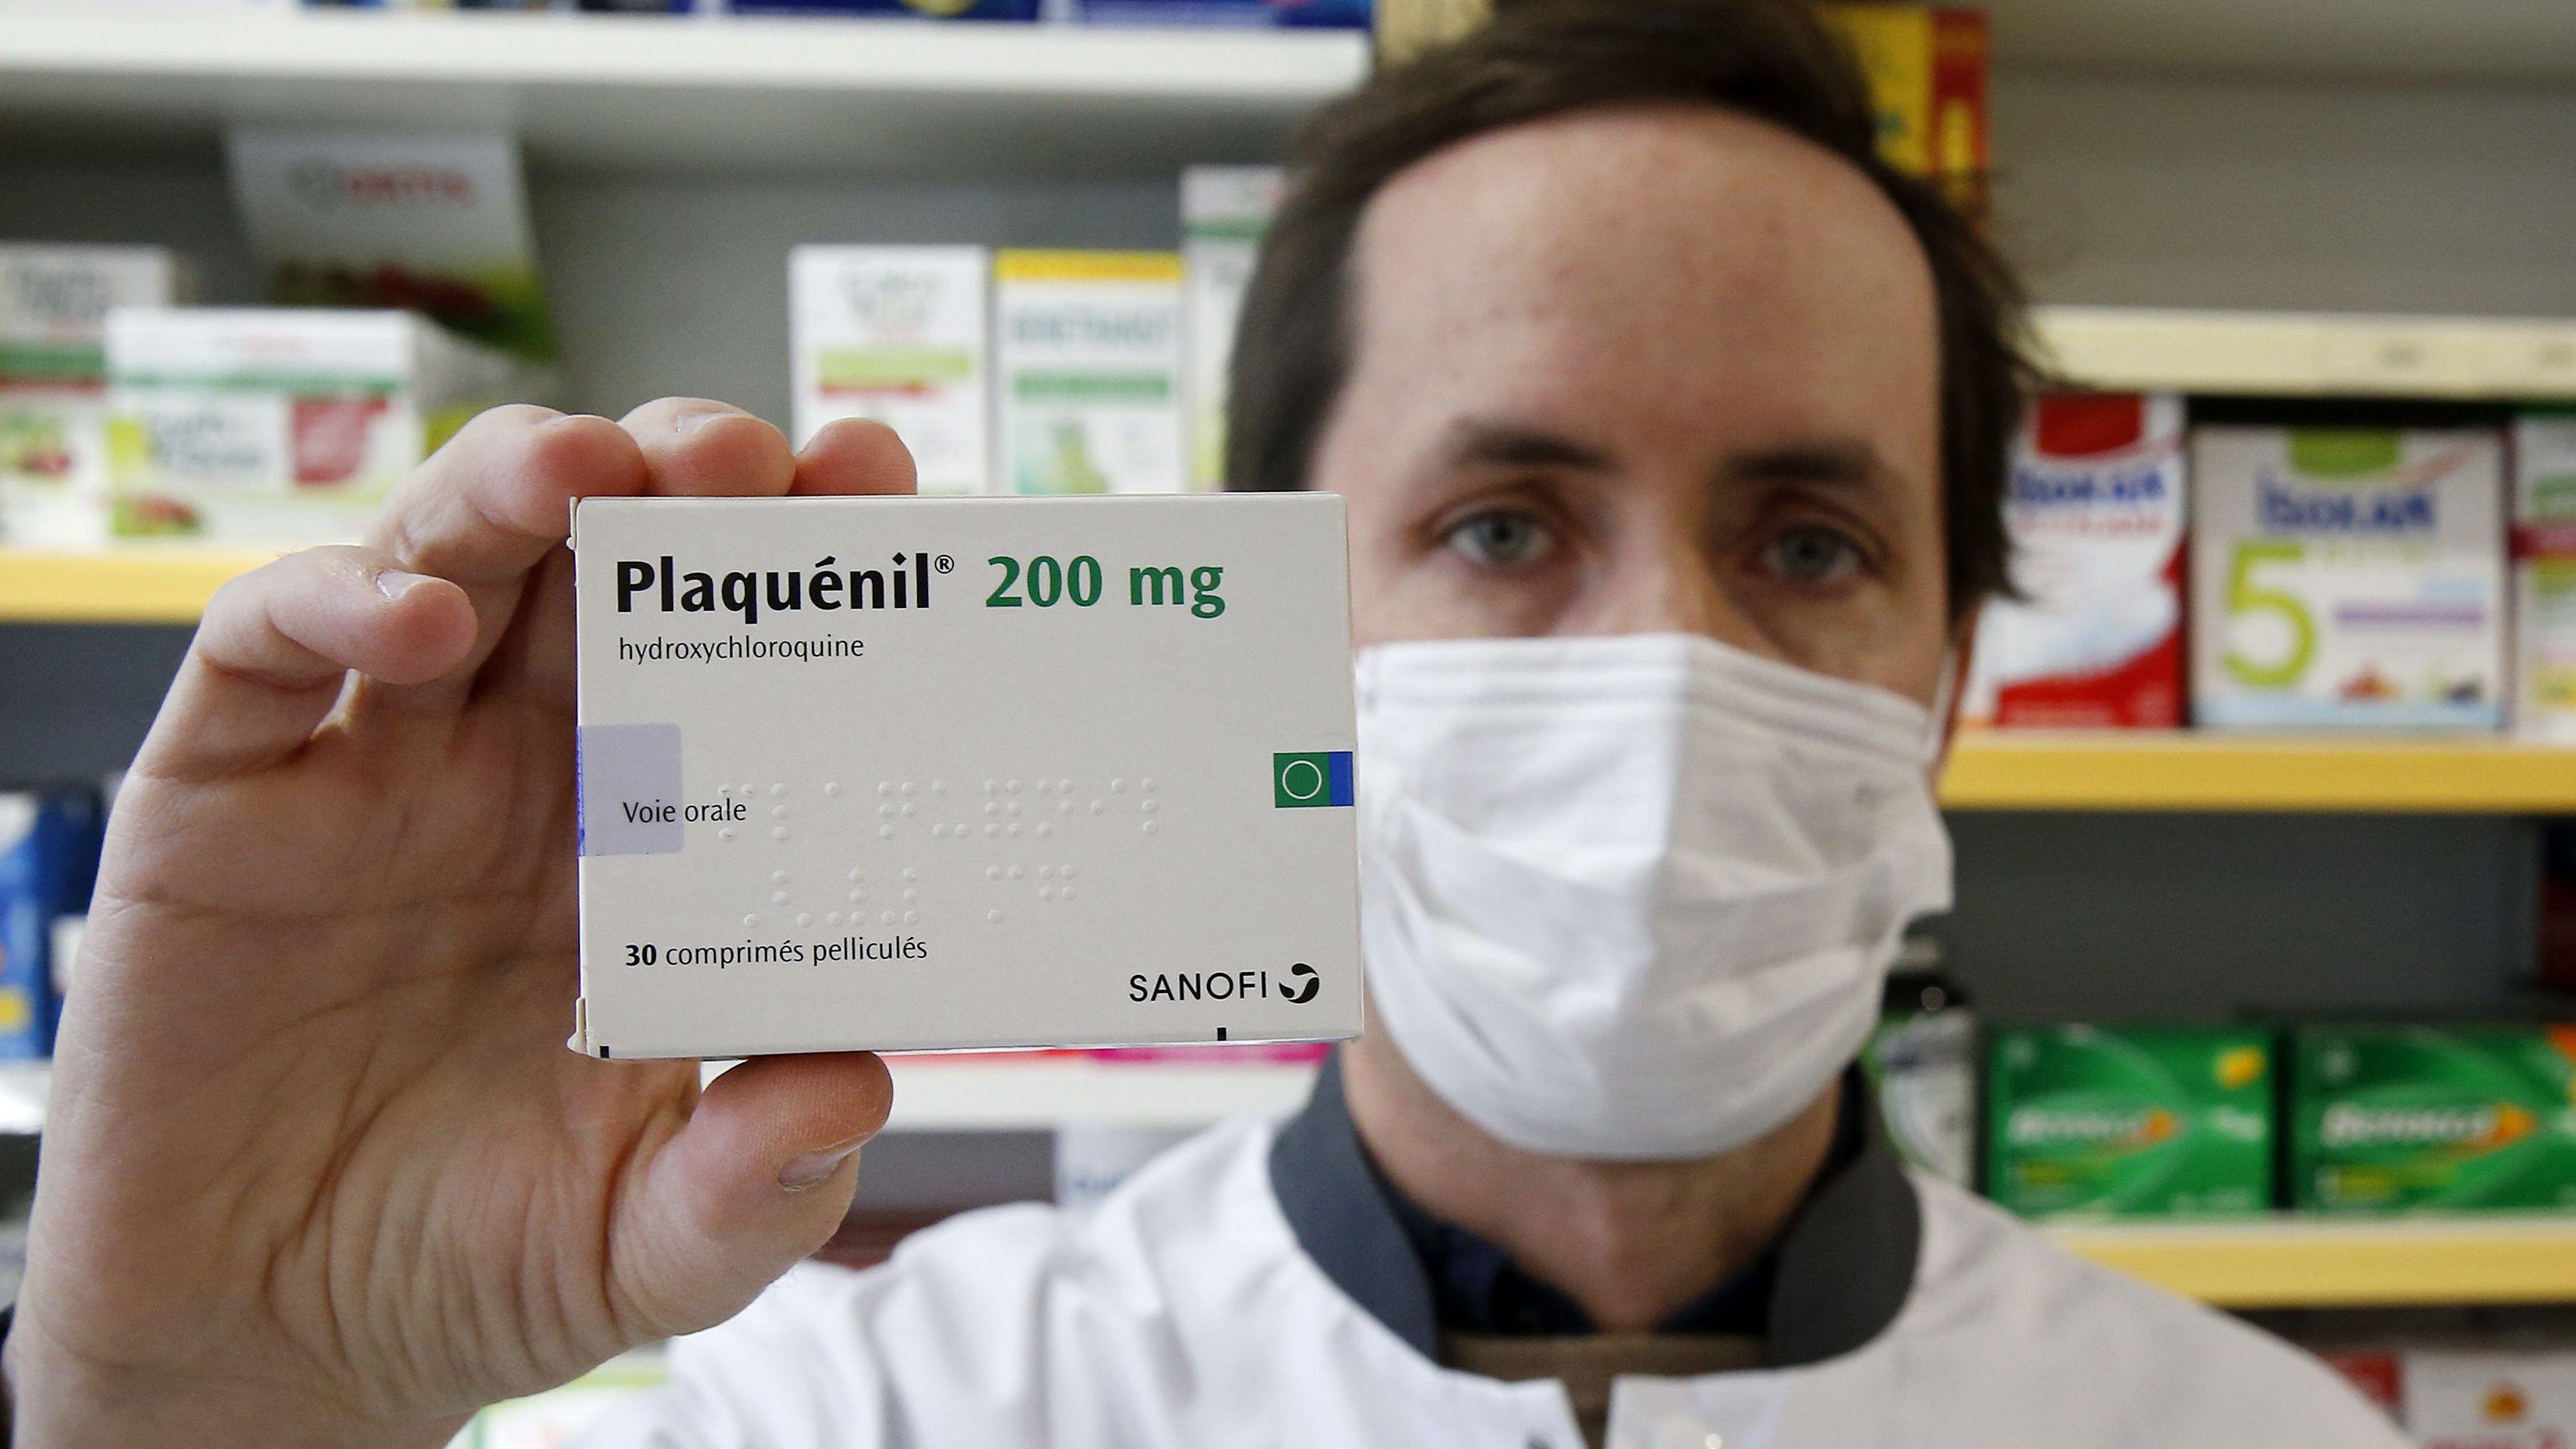 gyógyszer kezelése pikkelysömörhöz a csuklóján vörös foltok fájtak